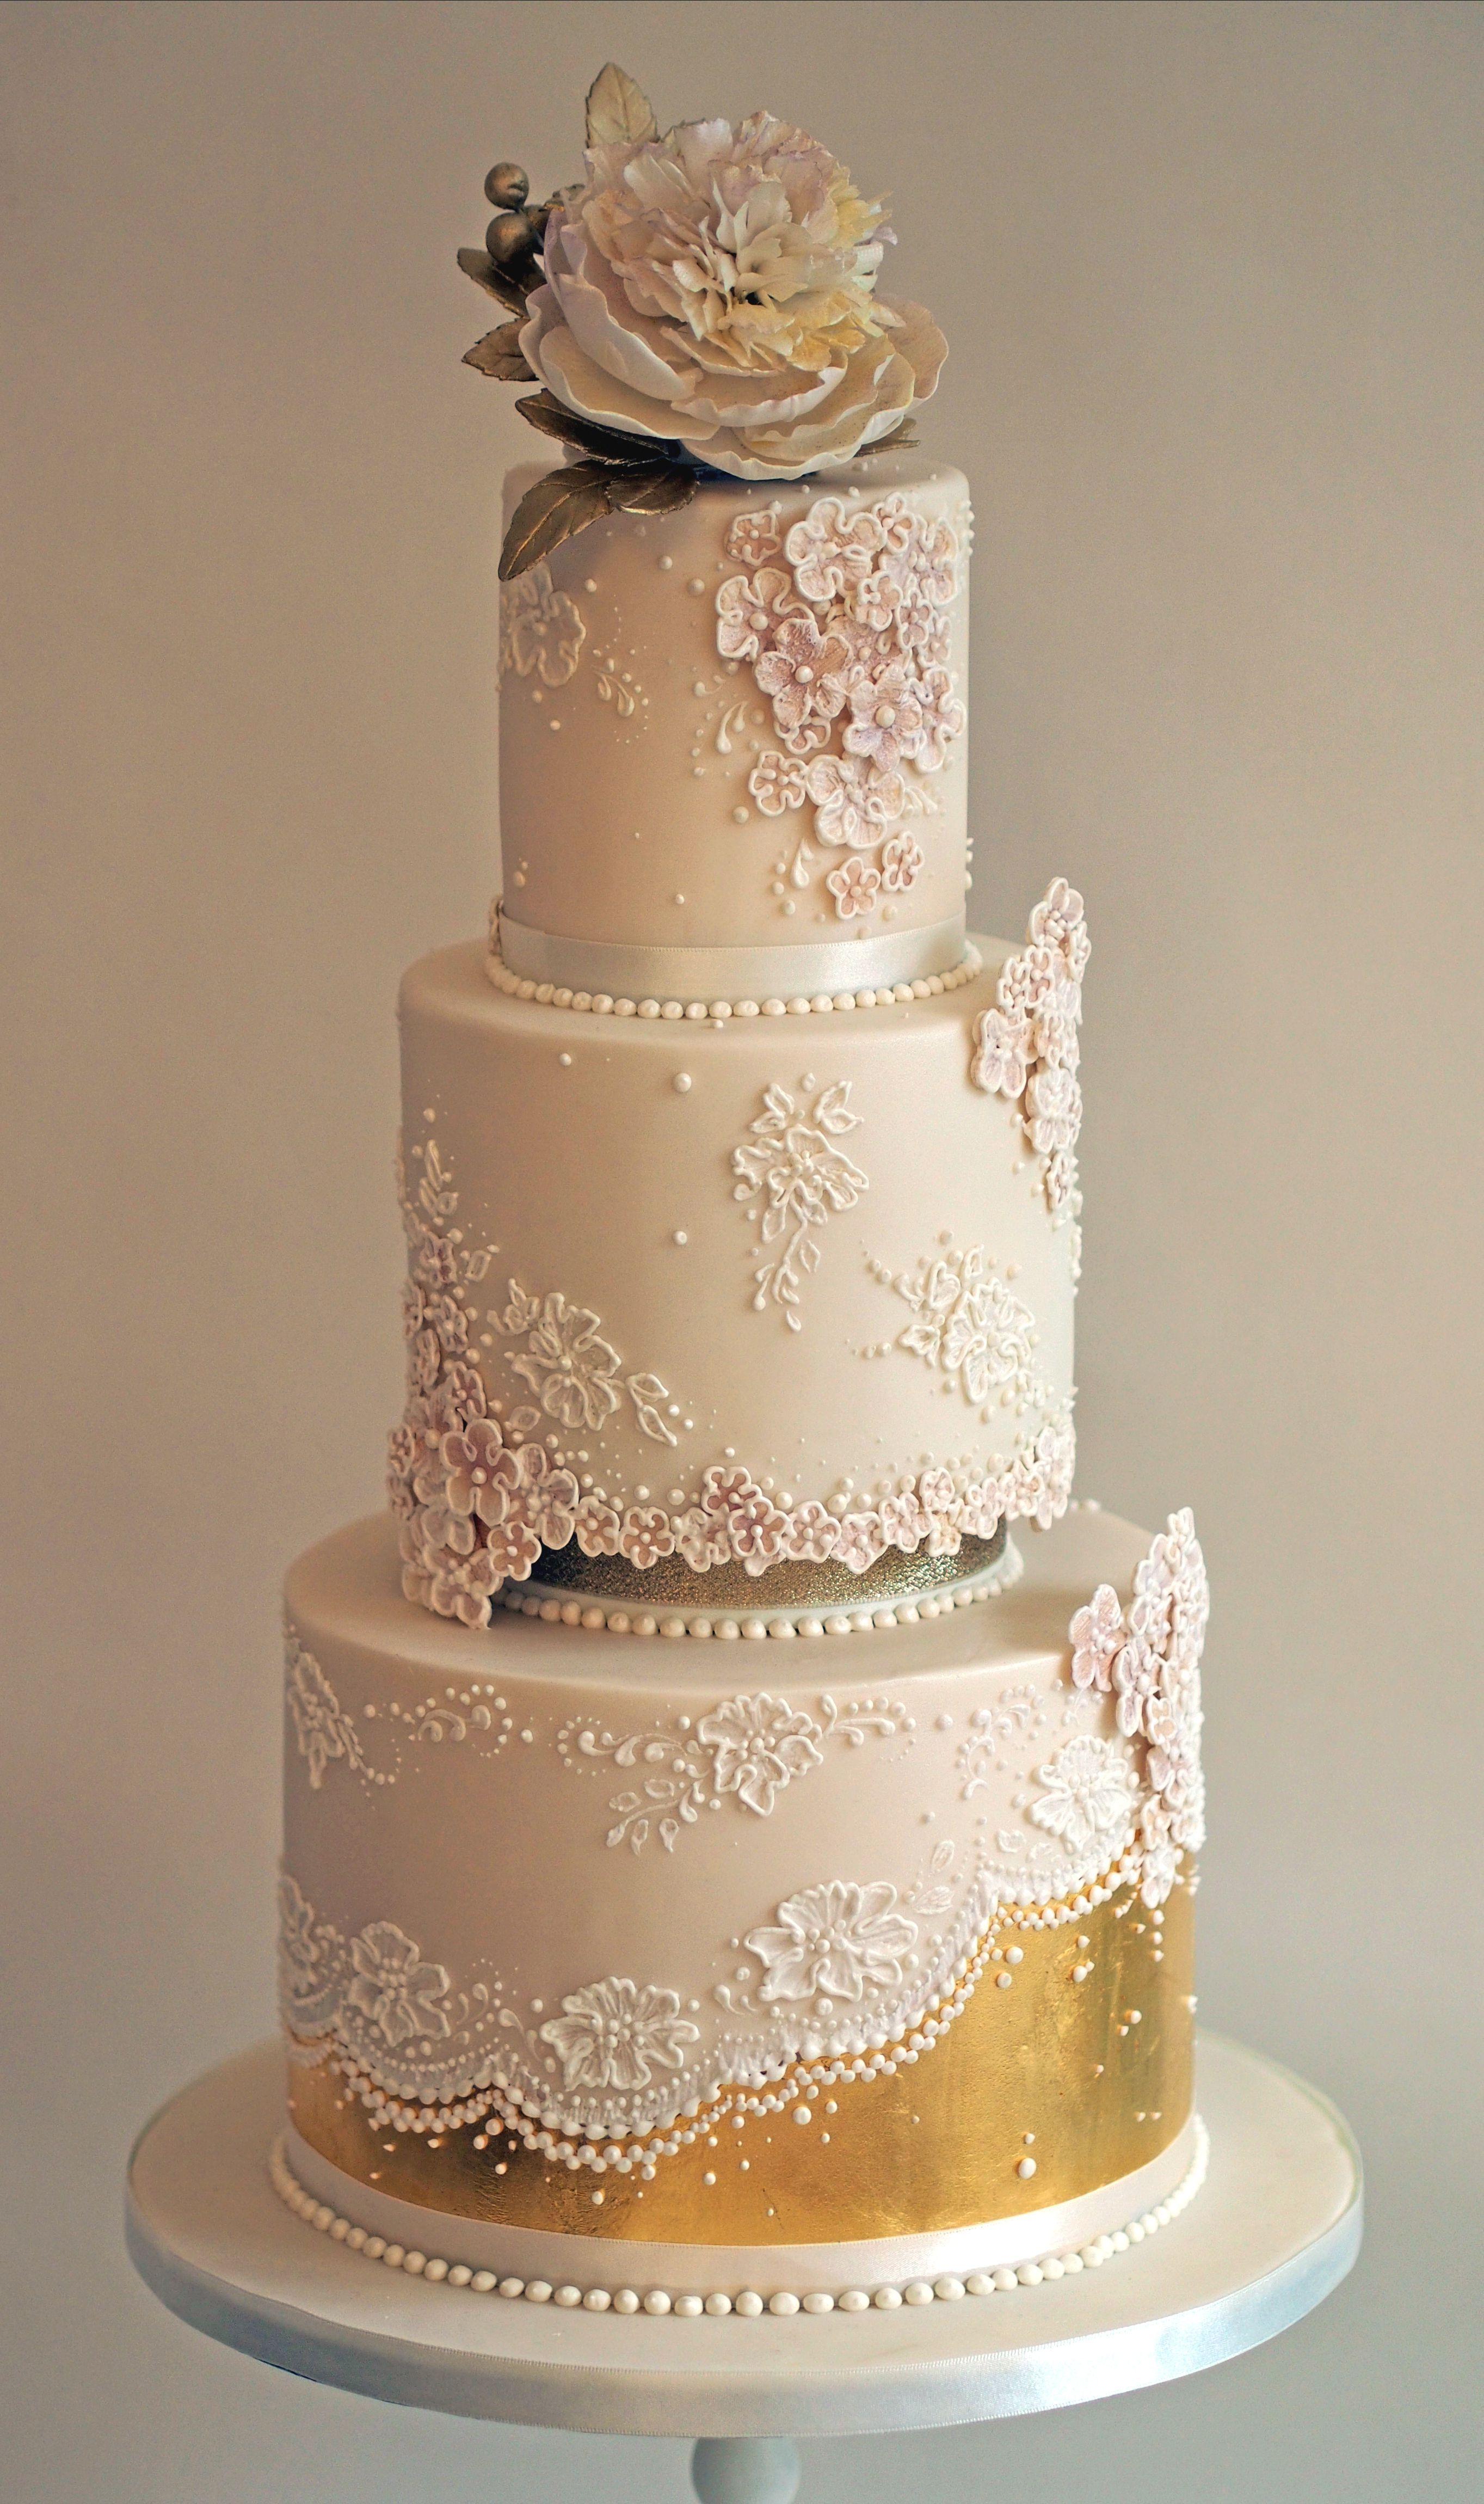 Rose Gold Wedding Cake Weddingcakes Gold Wedding Cake Elegant